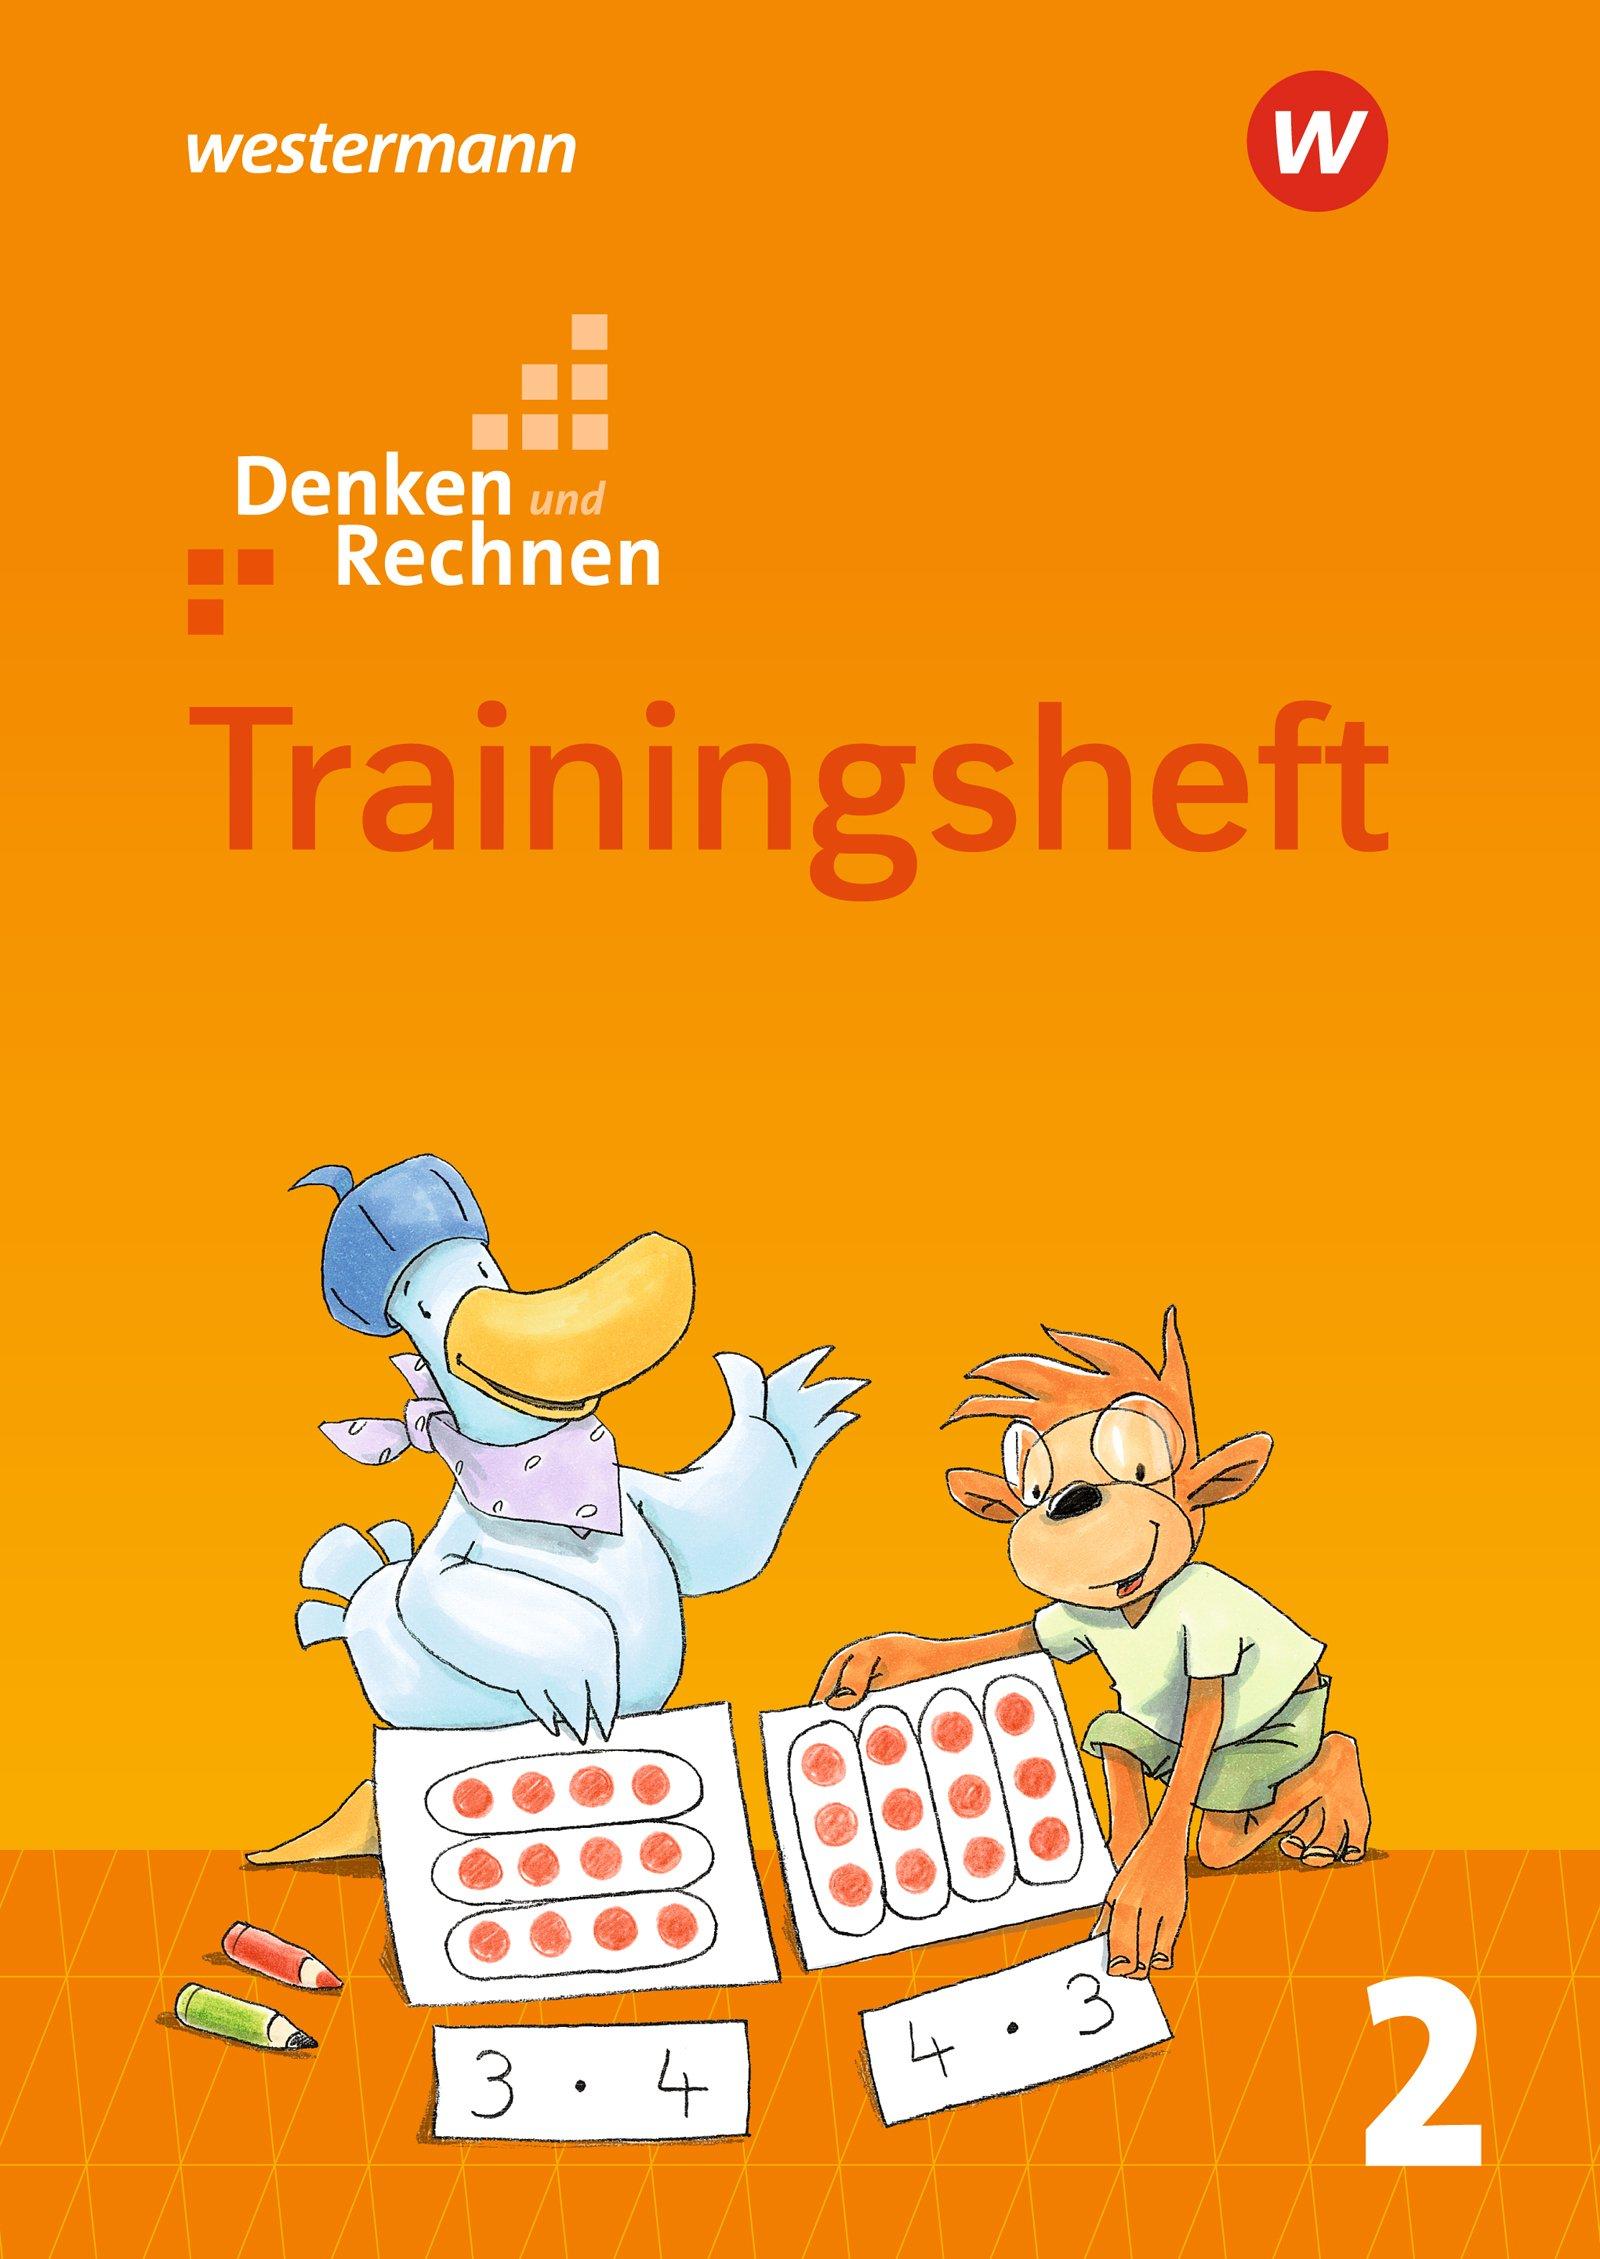 Denken und Rechnen - Zusatzmaterialien Ausgabe 2017: Trainingsheft 2 Broschüre – 1. Januar 2018 Westermann Schulbuch 3141267227 Berlin Brandenburg